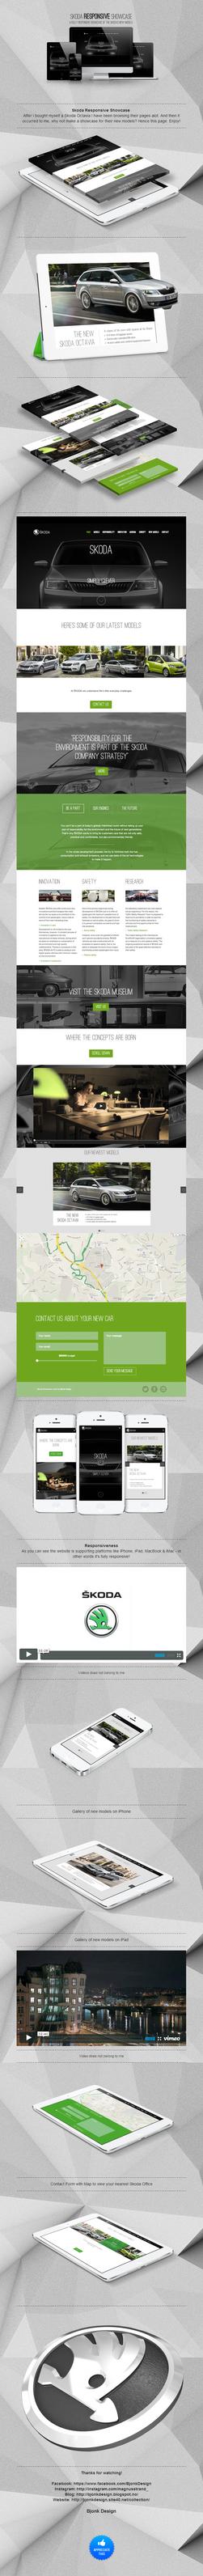 Skoda Responsive Showcase Website by magnek